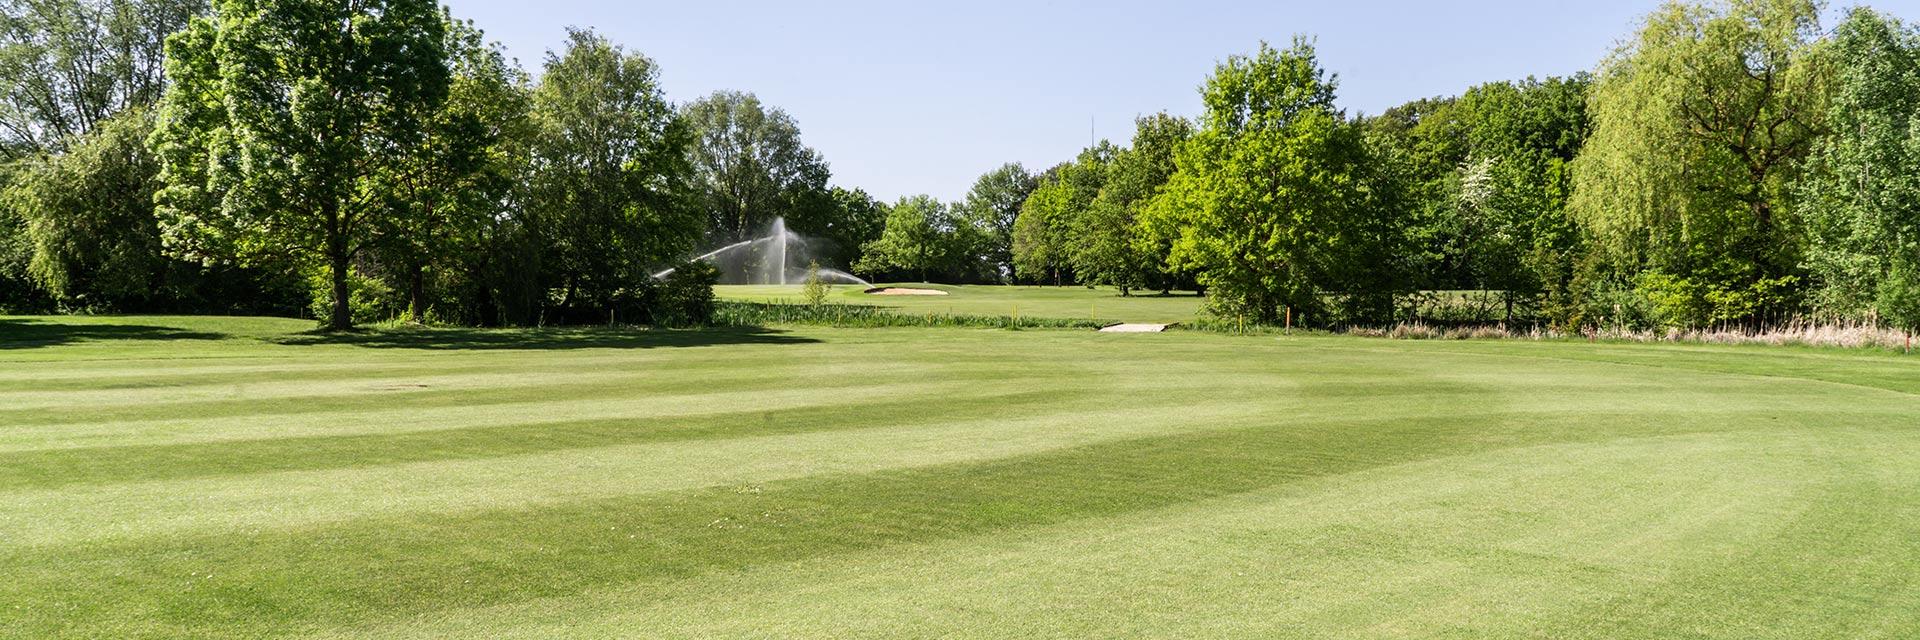 Golfanlage_Mai_08-45